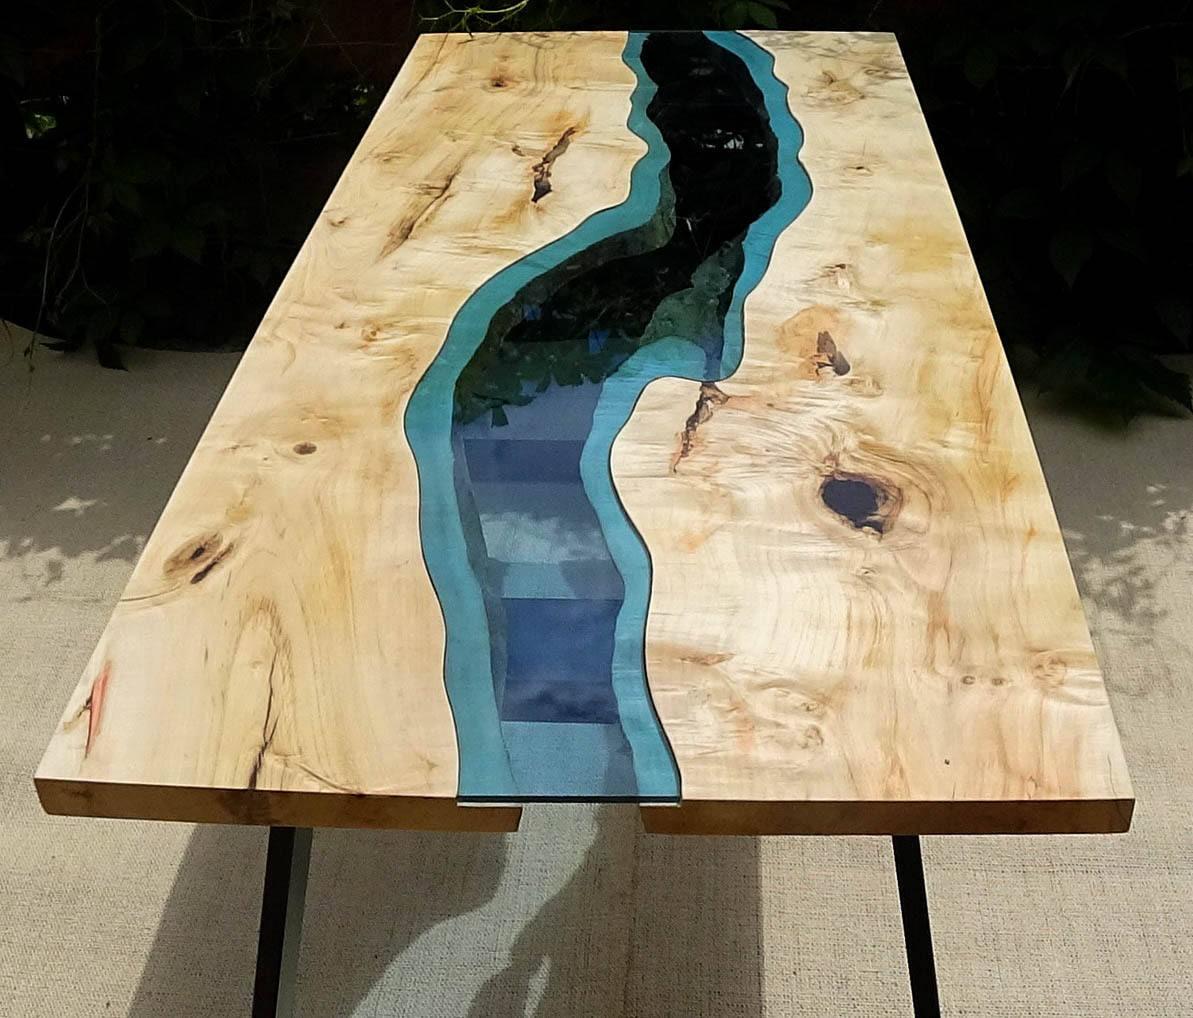 Live rand fluss tisch mit mit epoxy inlay verkauft verkauft - Epoxy tisch ...